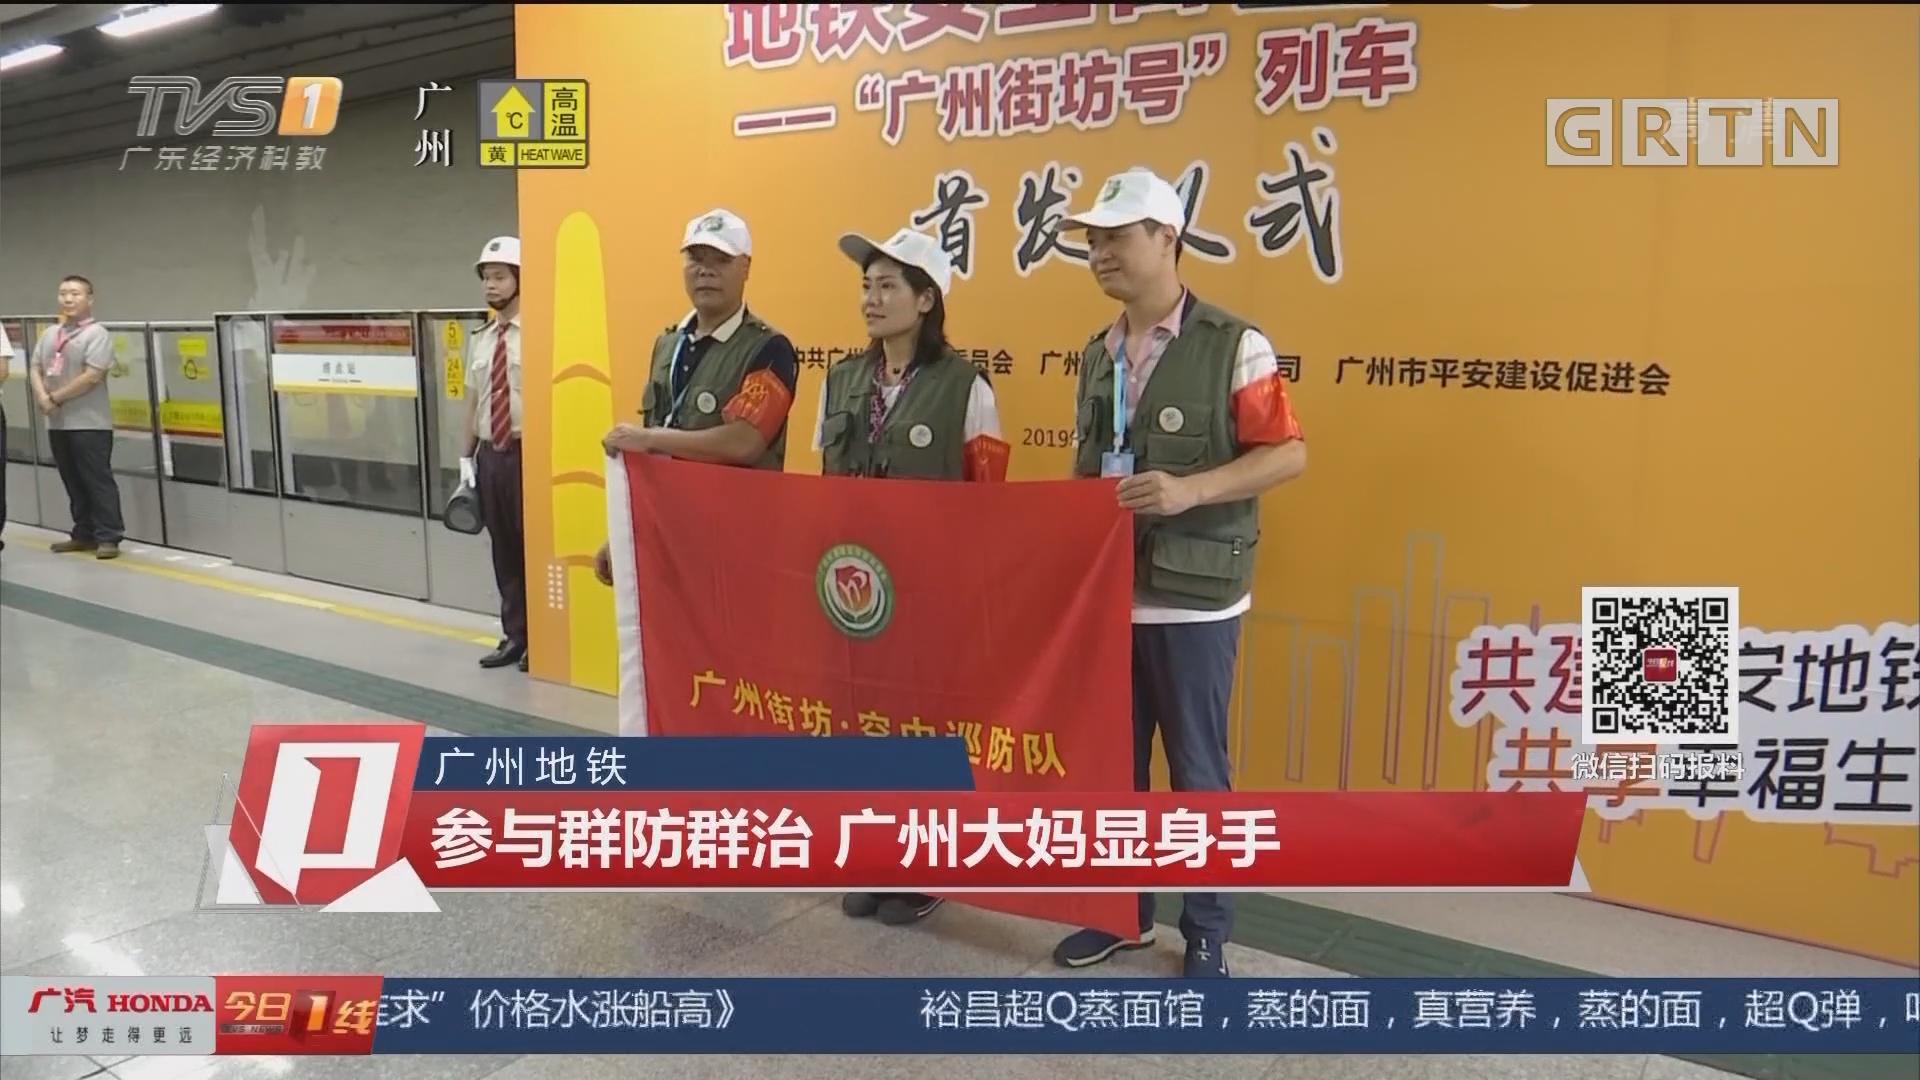 广州地铁 参与群防群治 广州大妈显身手